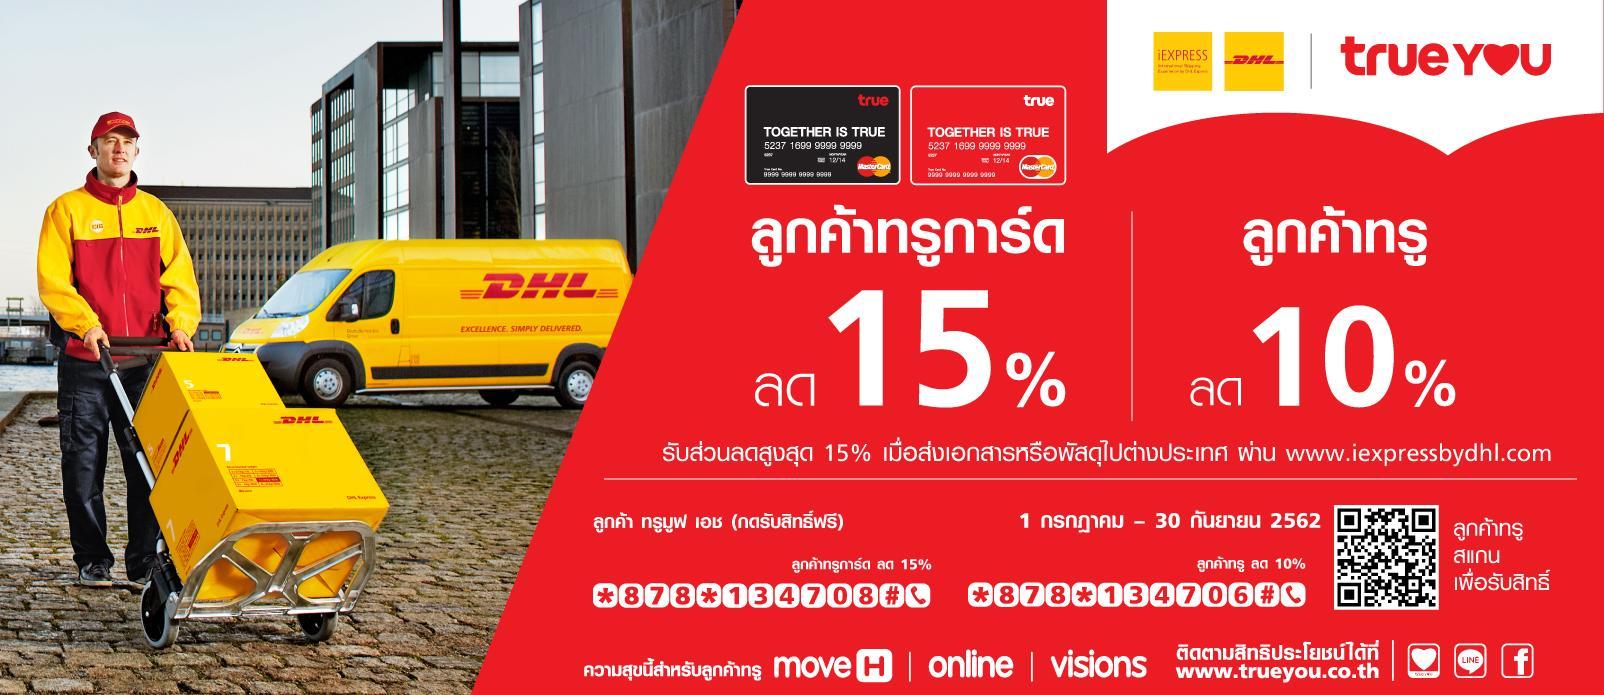 รับส่วนลดสูงสุด 15% สำหรับลูกค้า True เมื่อส่งเอกสารหรือพัสดุไปต่างประเทศ ผ่าน www.iExpressByDHL.com